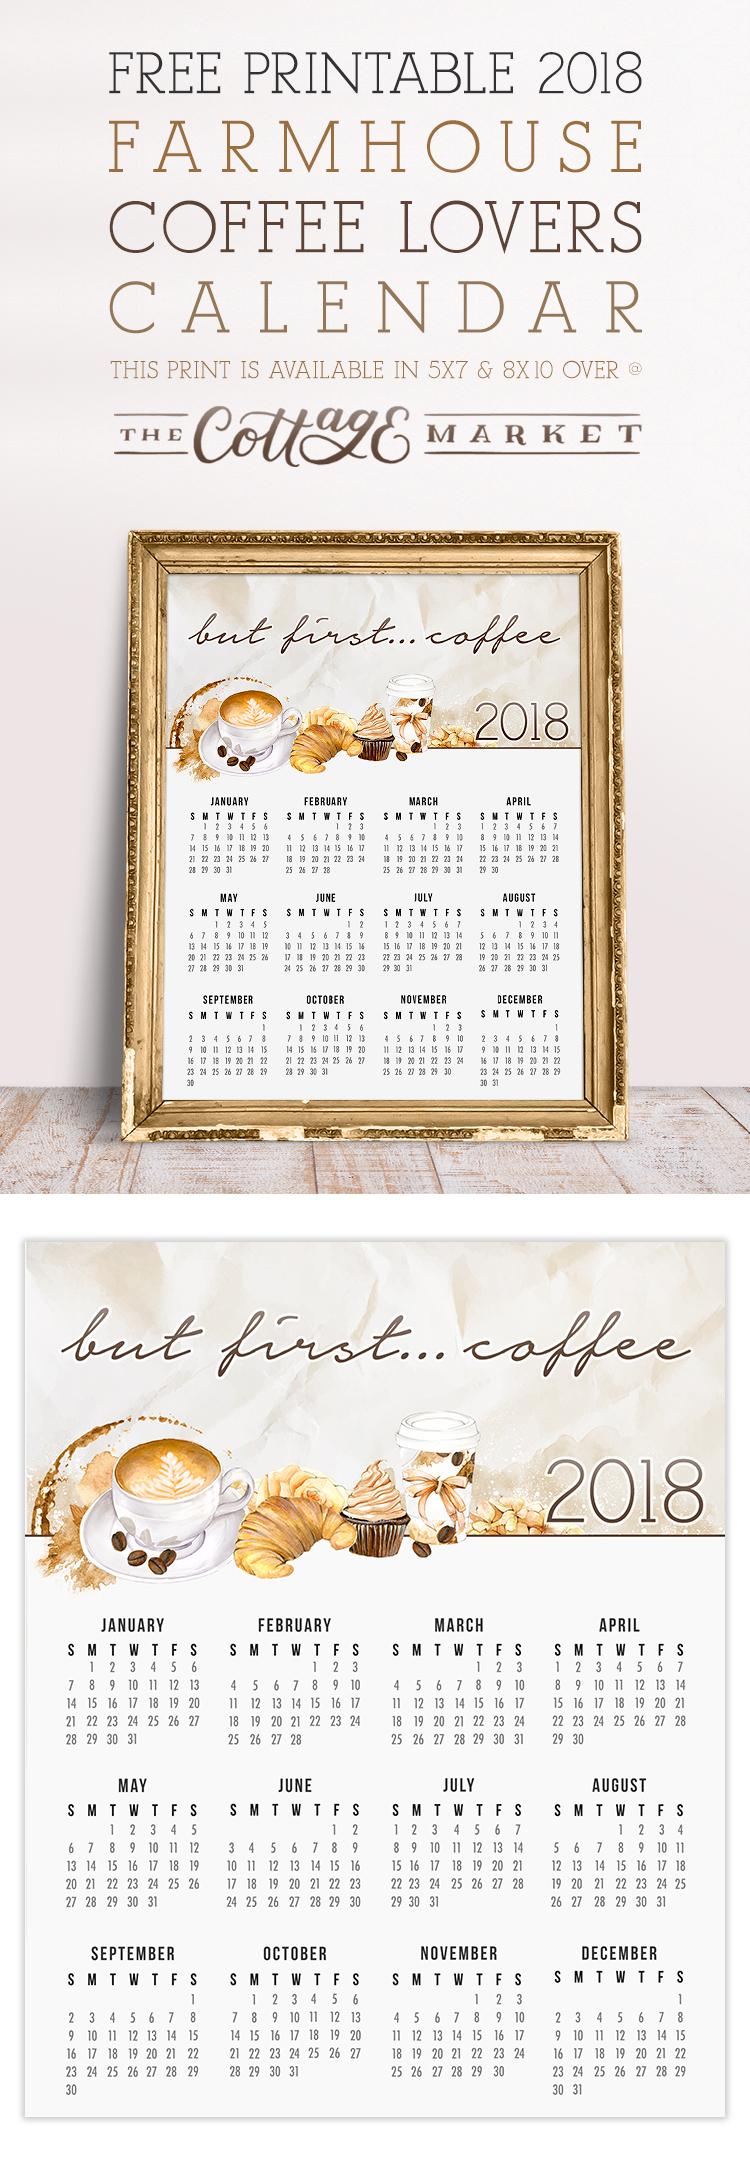 Farmhouse Coffee Lovers Calendar - 2018 Printable Calendars Collection